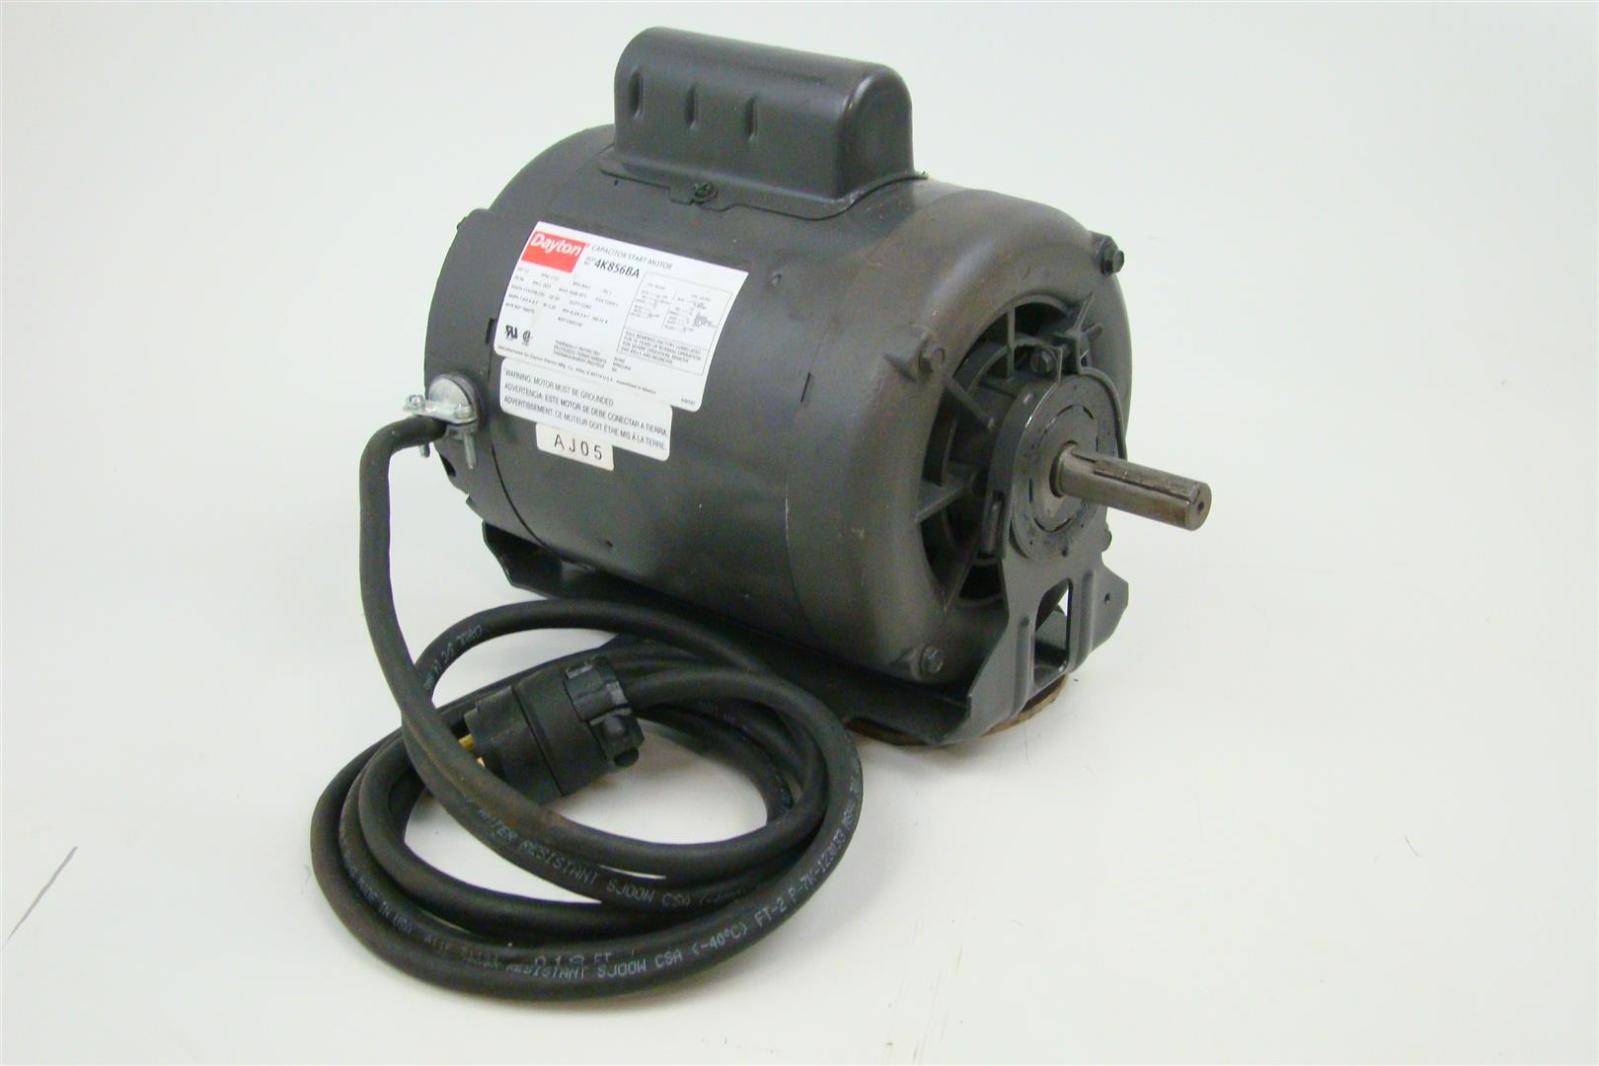 dayton single phase 1 2hp capacitor start motor 1725 rpm, 115 208 AC Motor Capacitor Wiring Diagram dayton single phase 1 2hp capacitor start motor 1725 rpm, 115 208